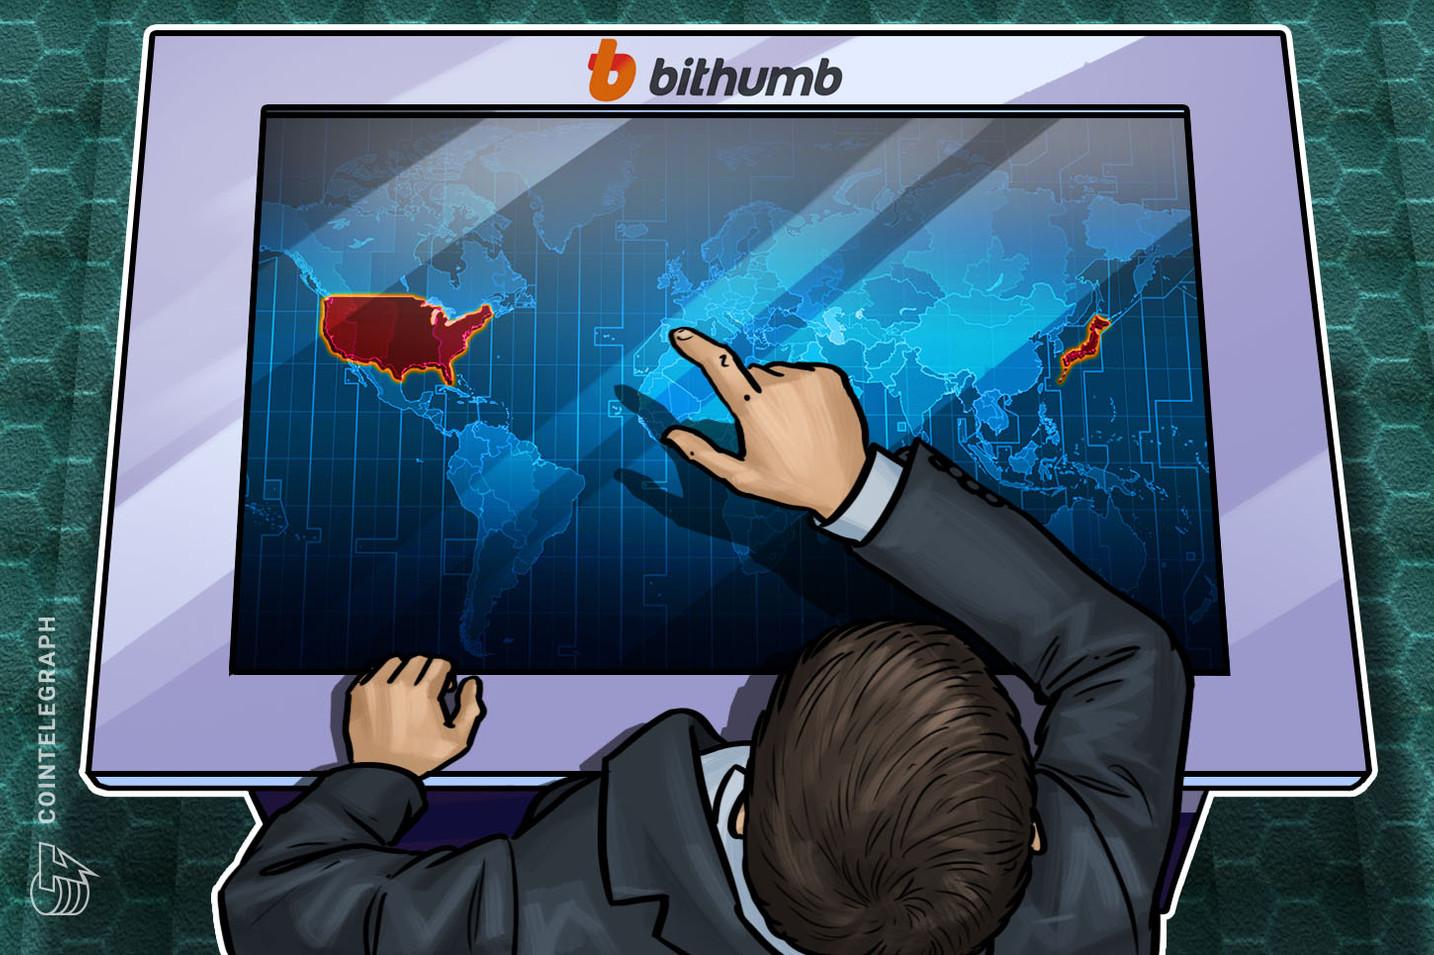 Corea del Sur: El operador del exchange Bithumb revela planes para los mercados de EE.UU. y Japón